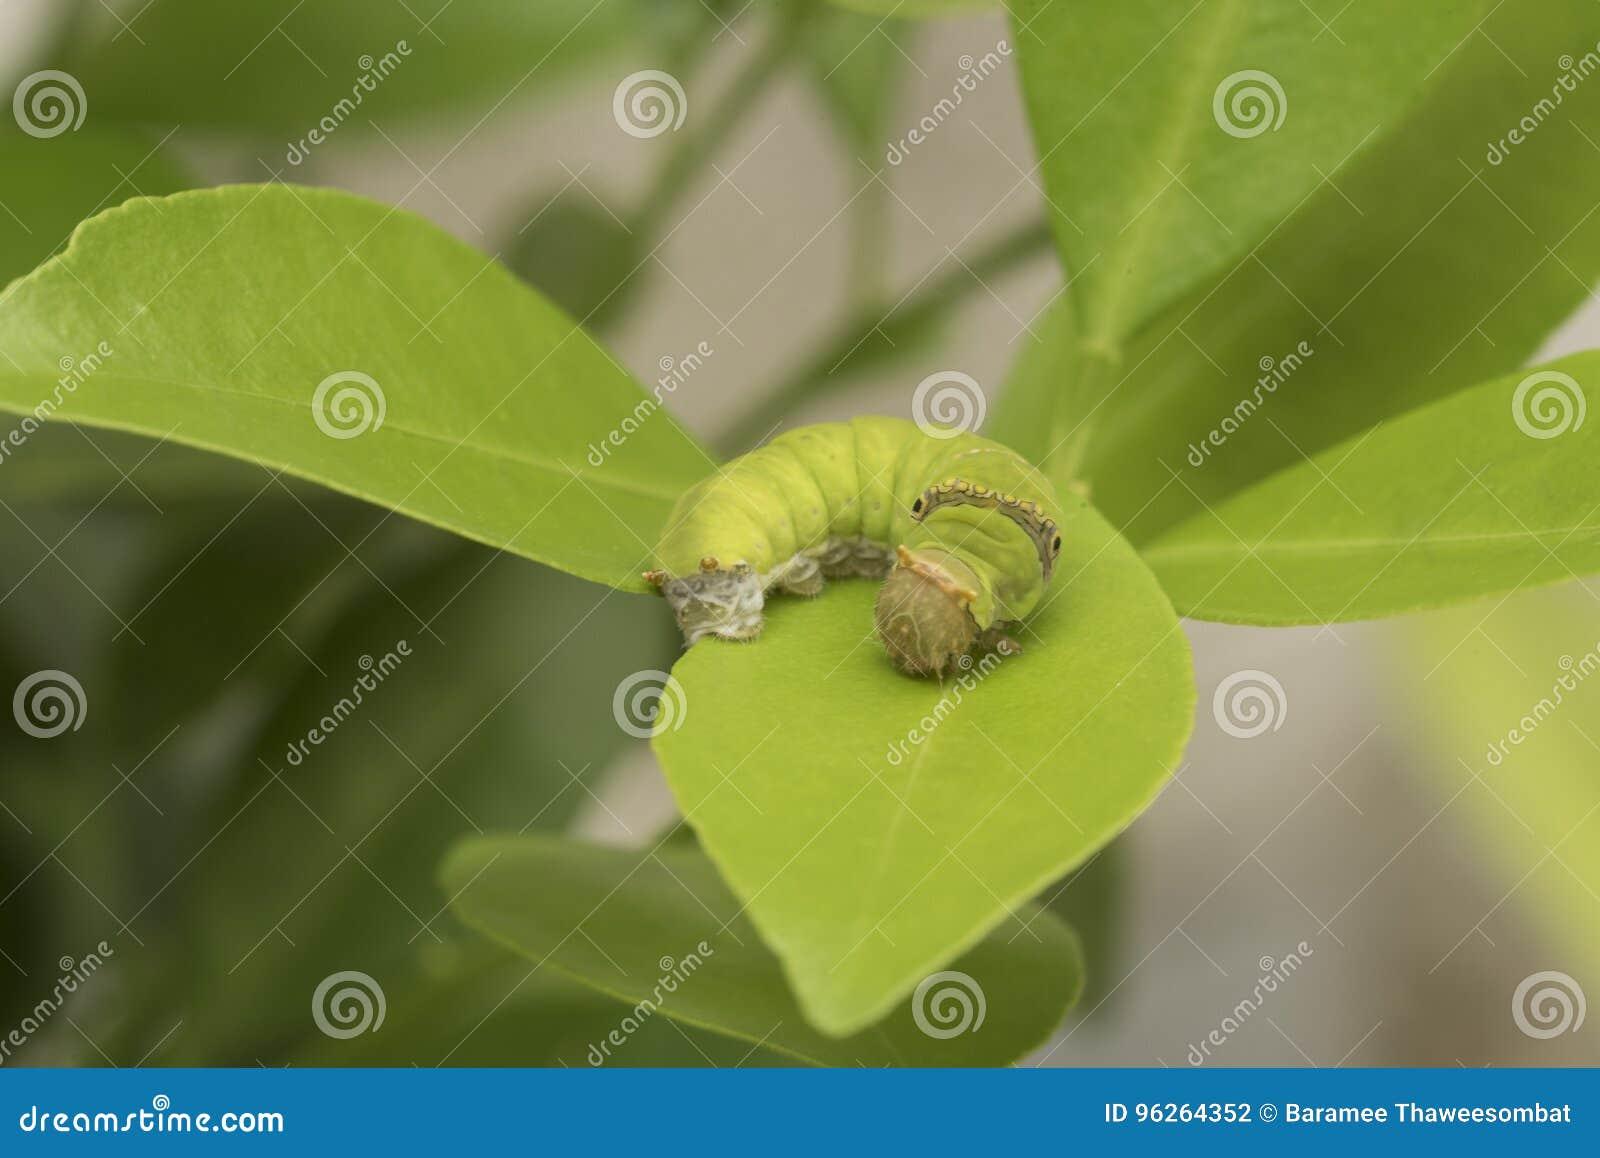 imagenes de gusano en hoja